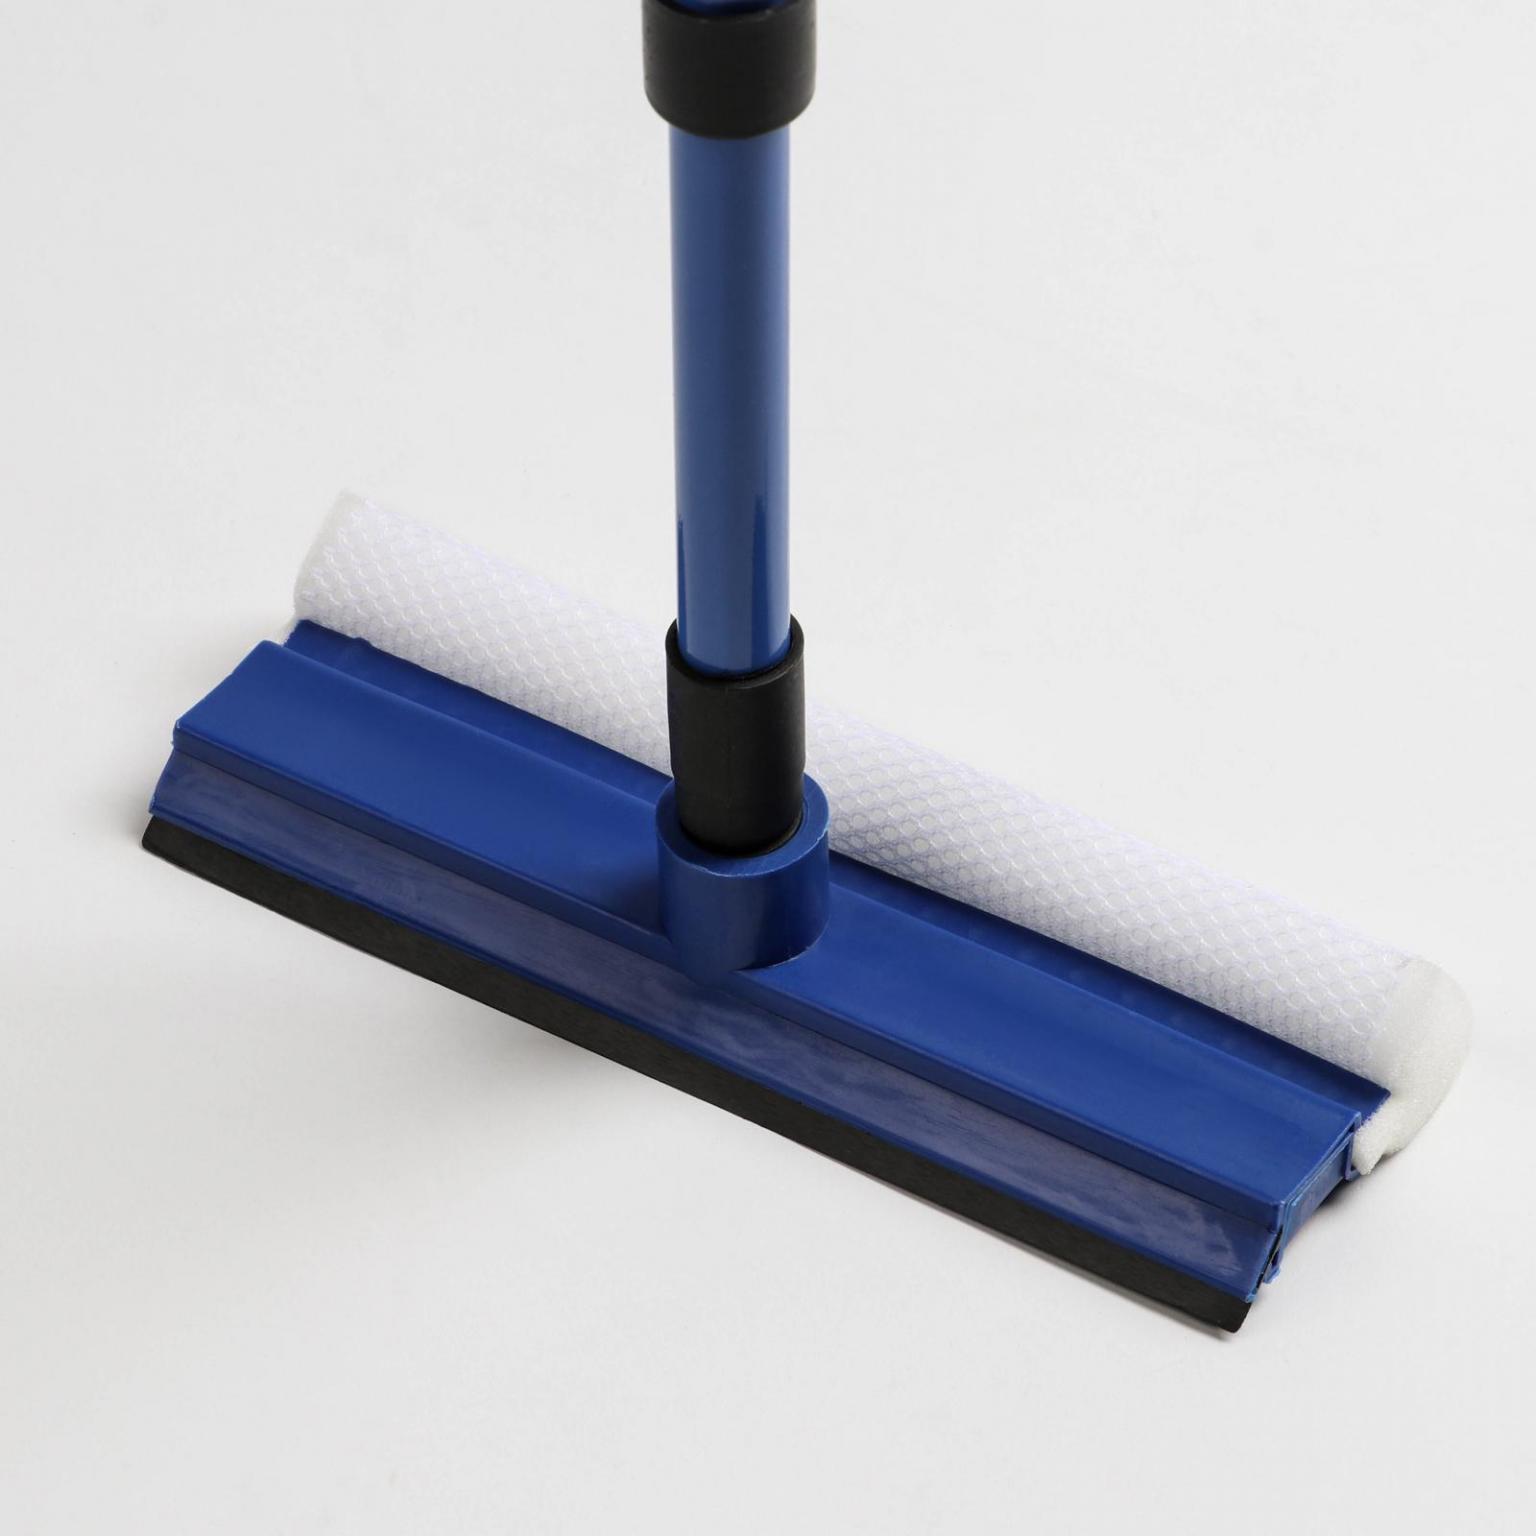 Окномойка с телескопической металлической окрашенной ручкой и сгоном, 2049(75) см, поролон, цвет синий